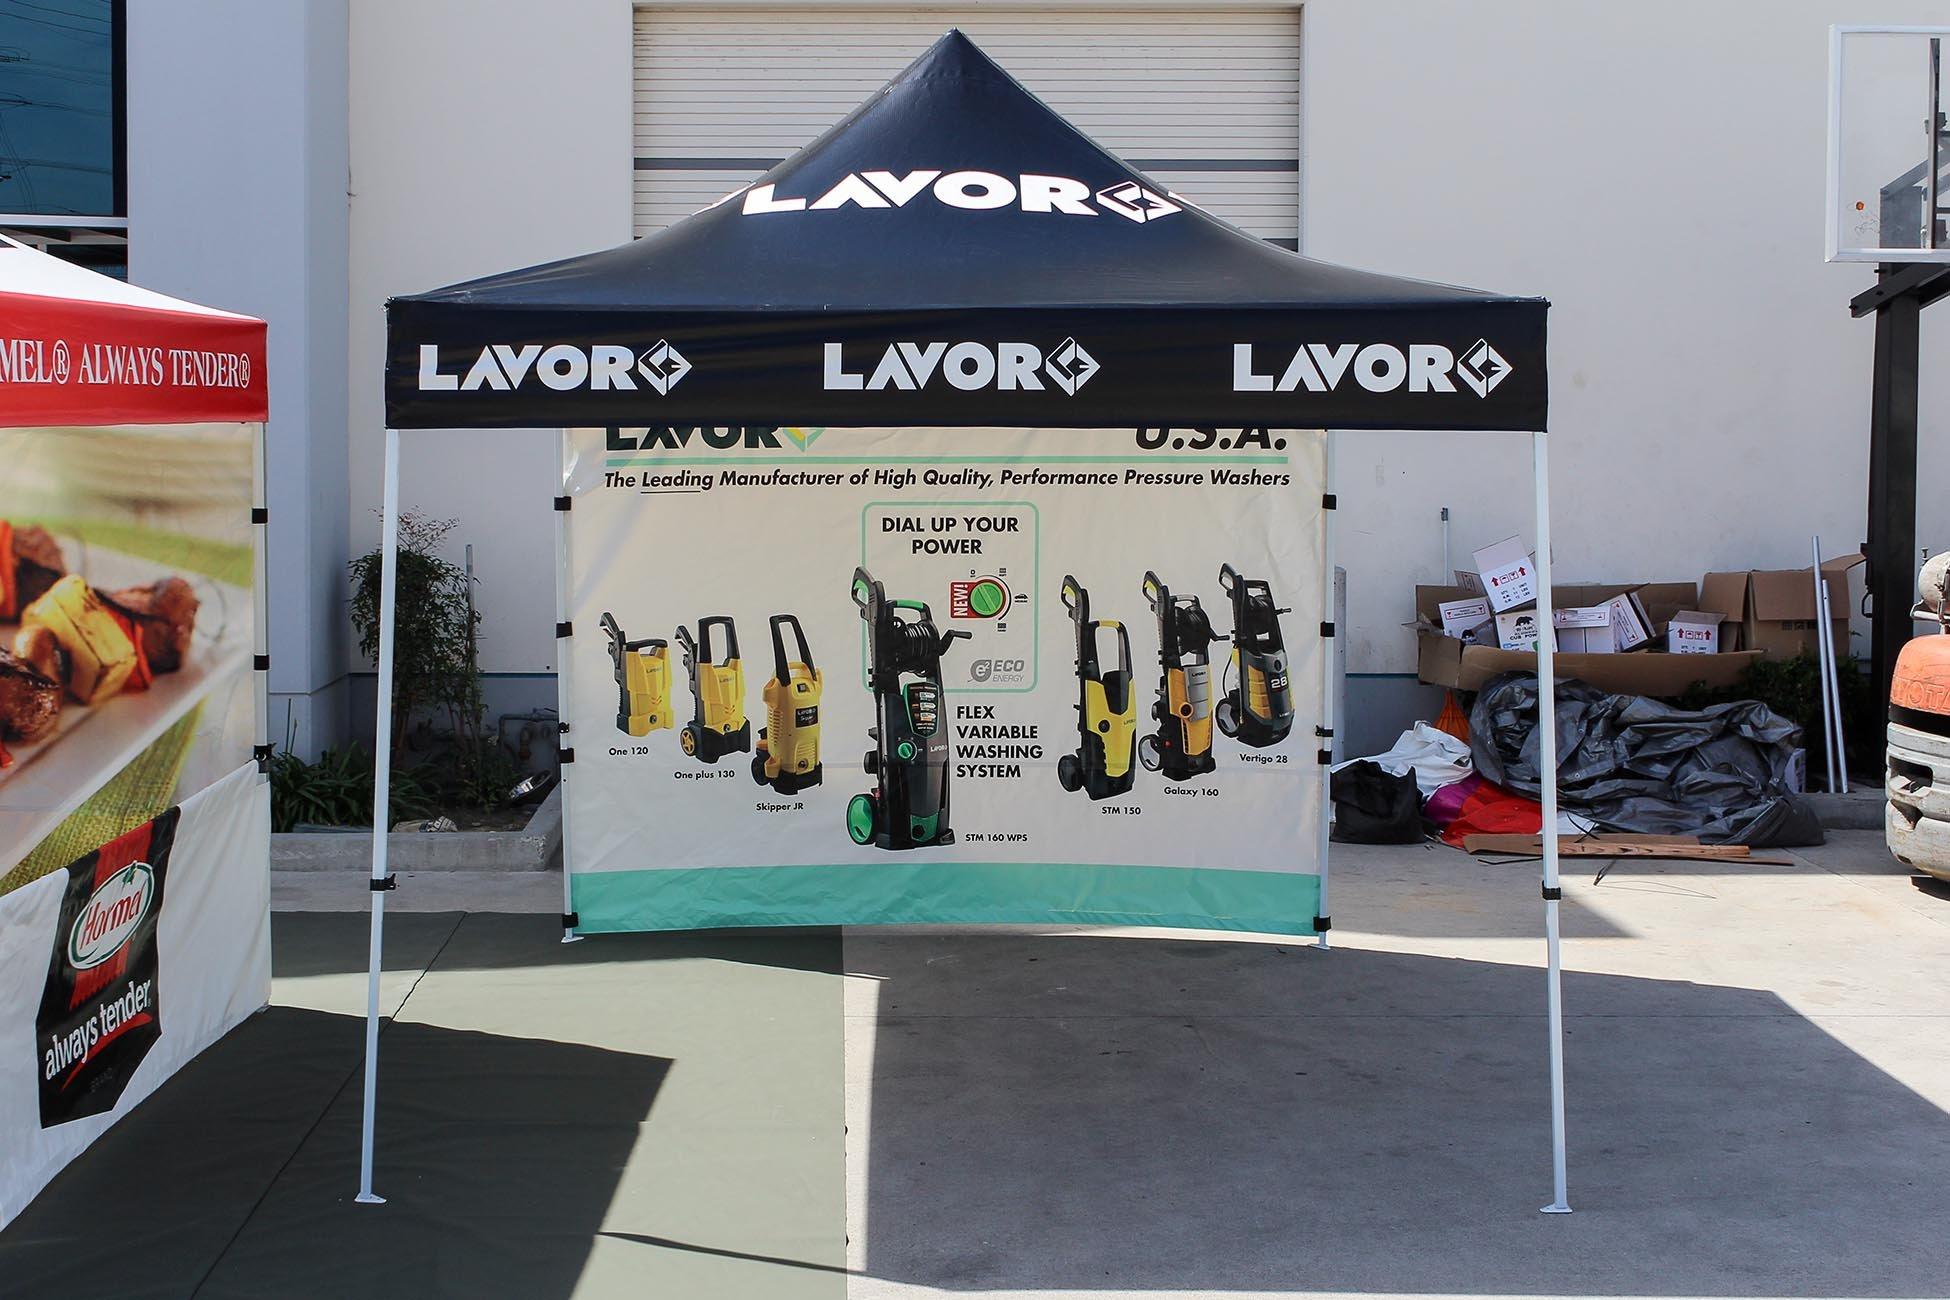 lavor-10x10-tent